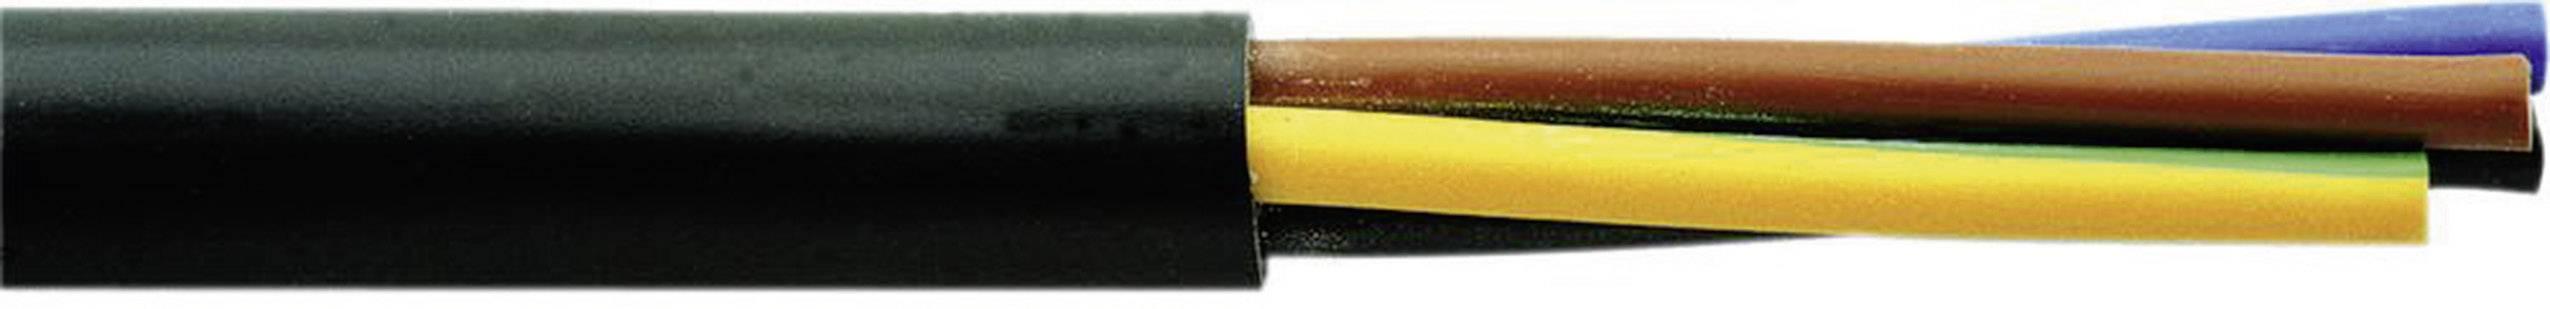 Vícežílový kabel Faber Kabel H05RR-F, 050019, 2 x 0.75 mm², černá, metrové zboží